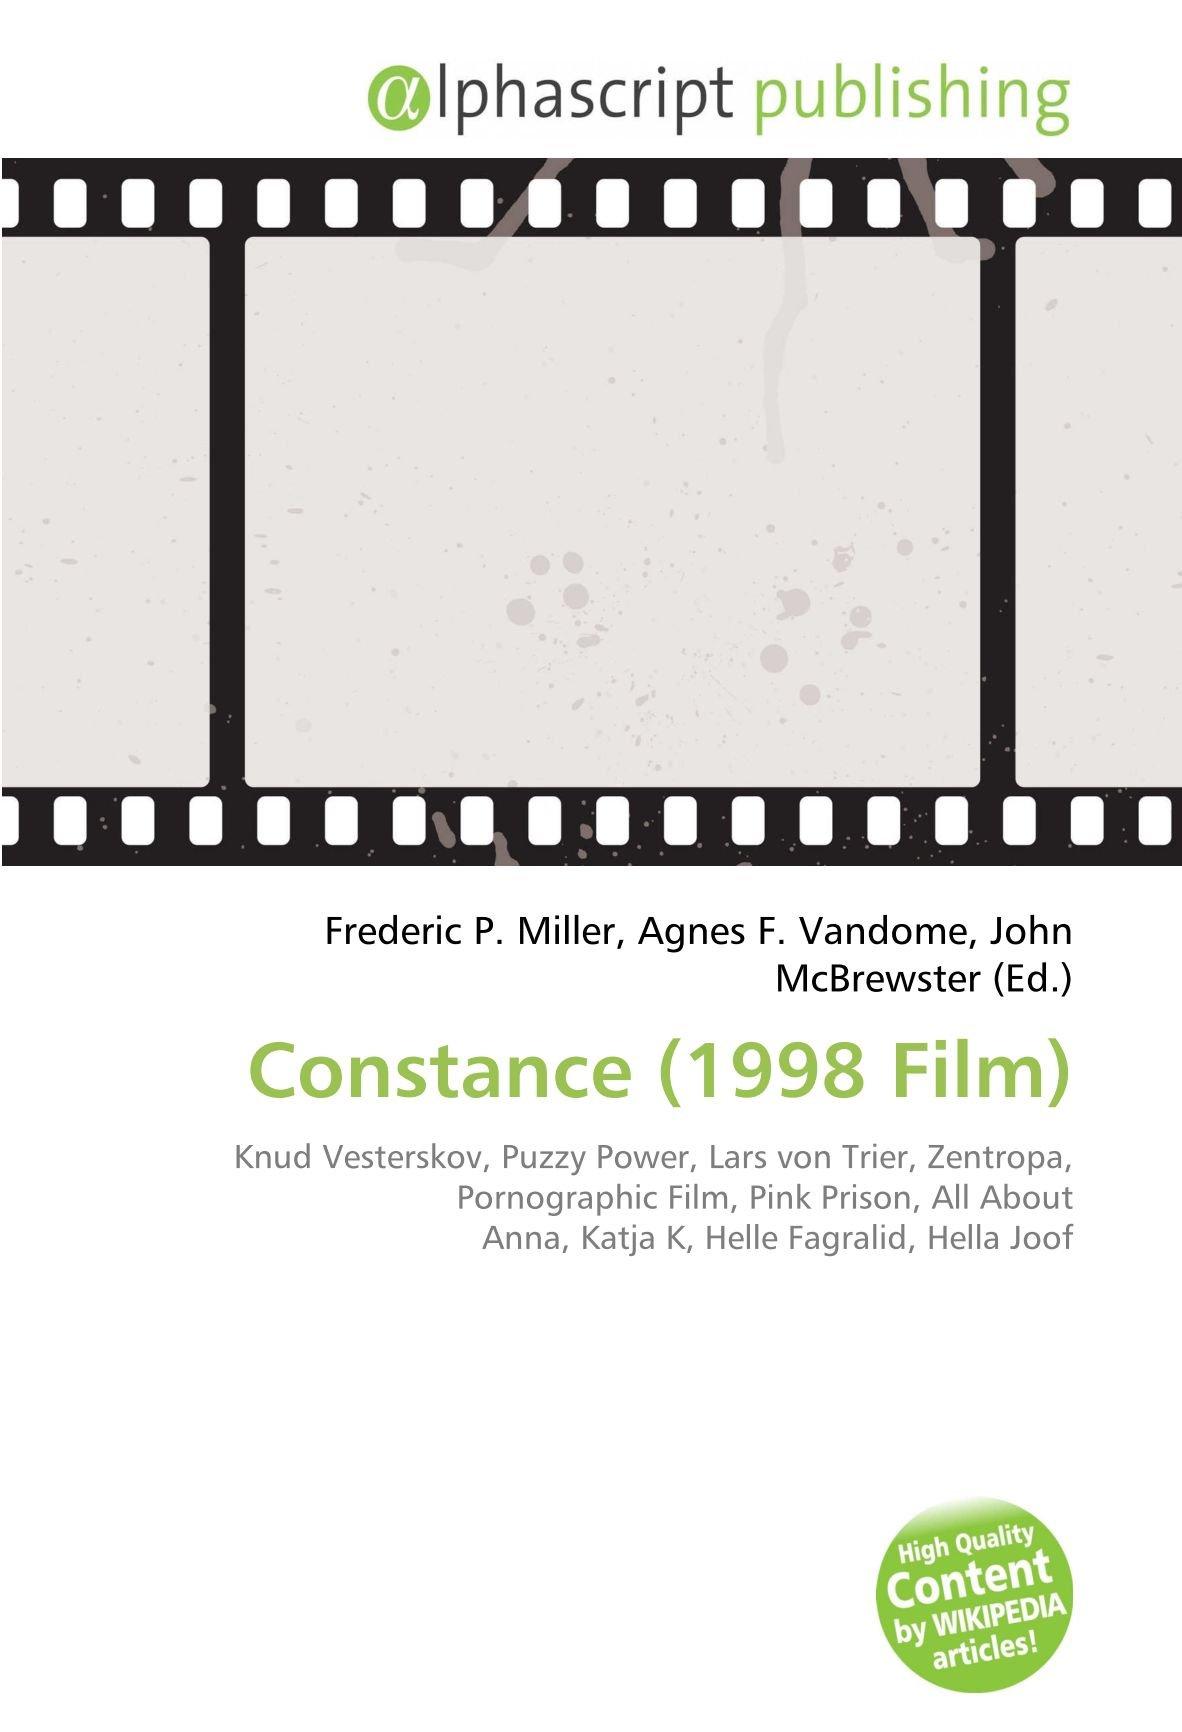 Constance 1998 Film : Knud Vesterskov, Puzzy Power, Lars von Trier, Zentropa, Pornographic Film, Pink Prison, All About Anna, Katja K, Helle Fagralid, ...